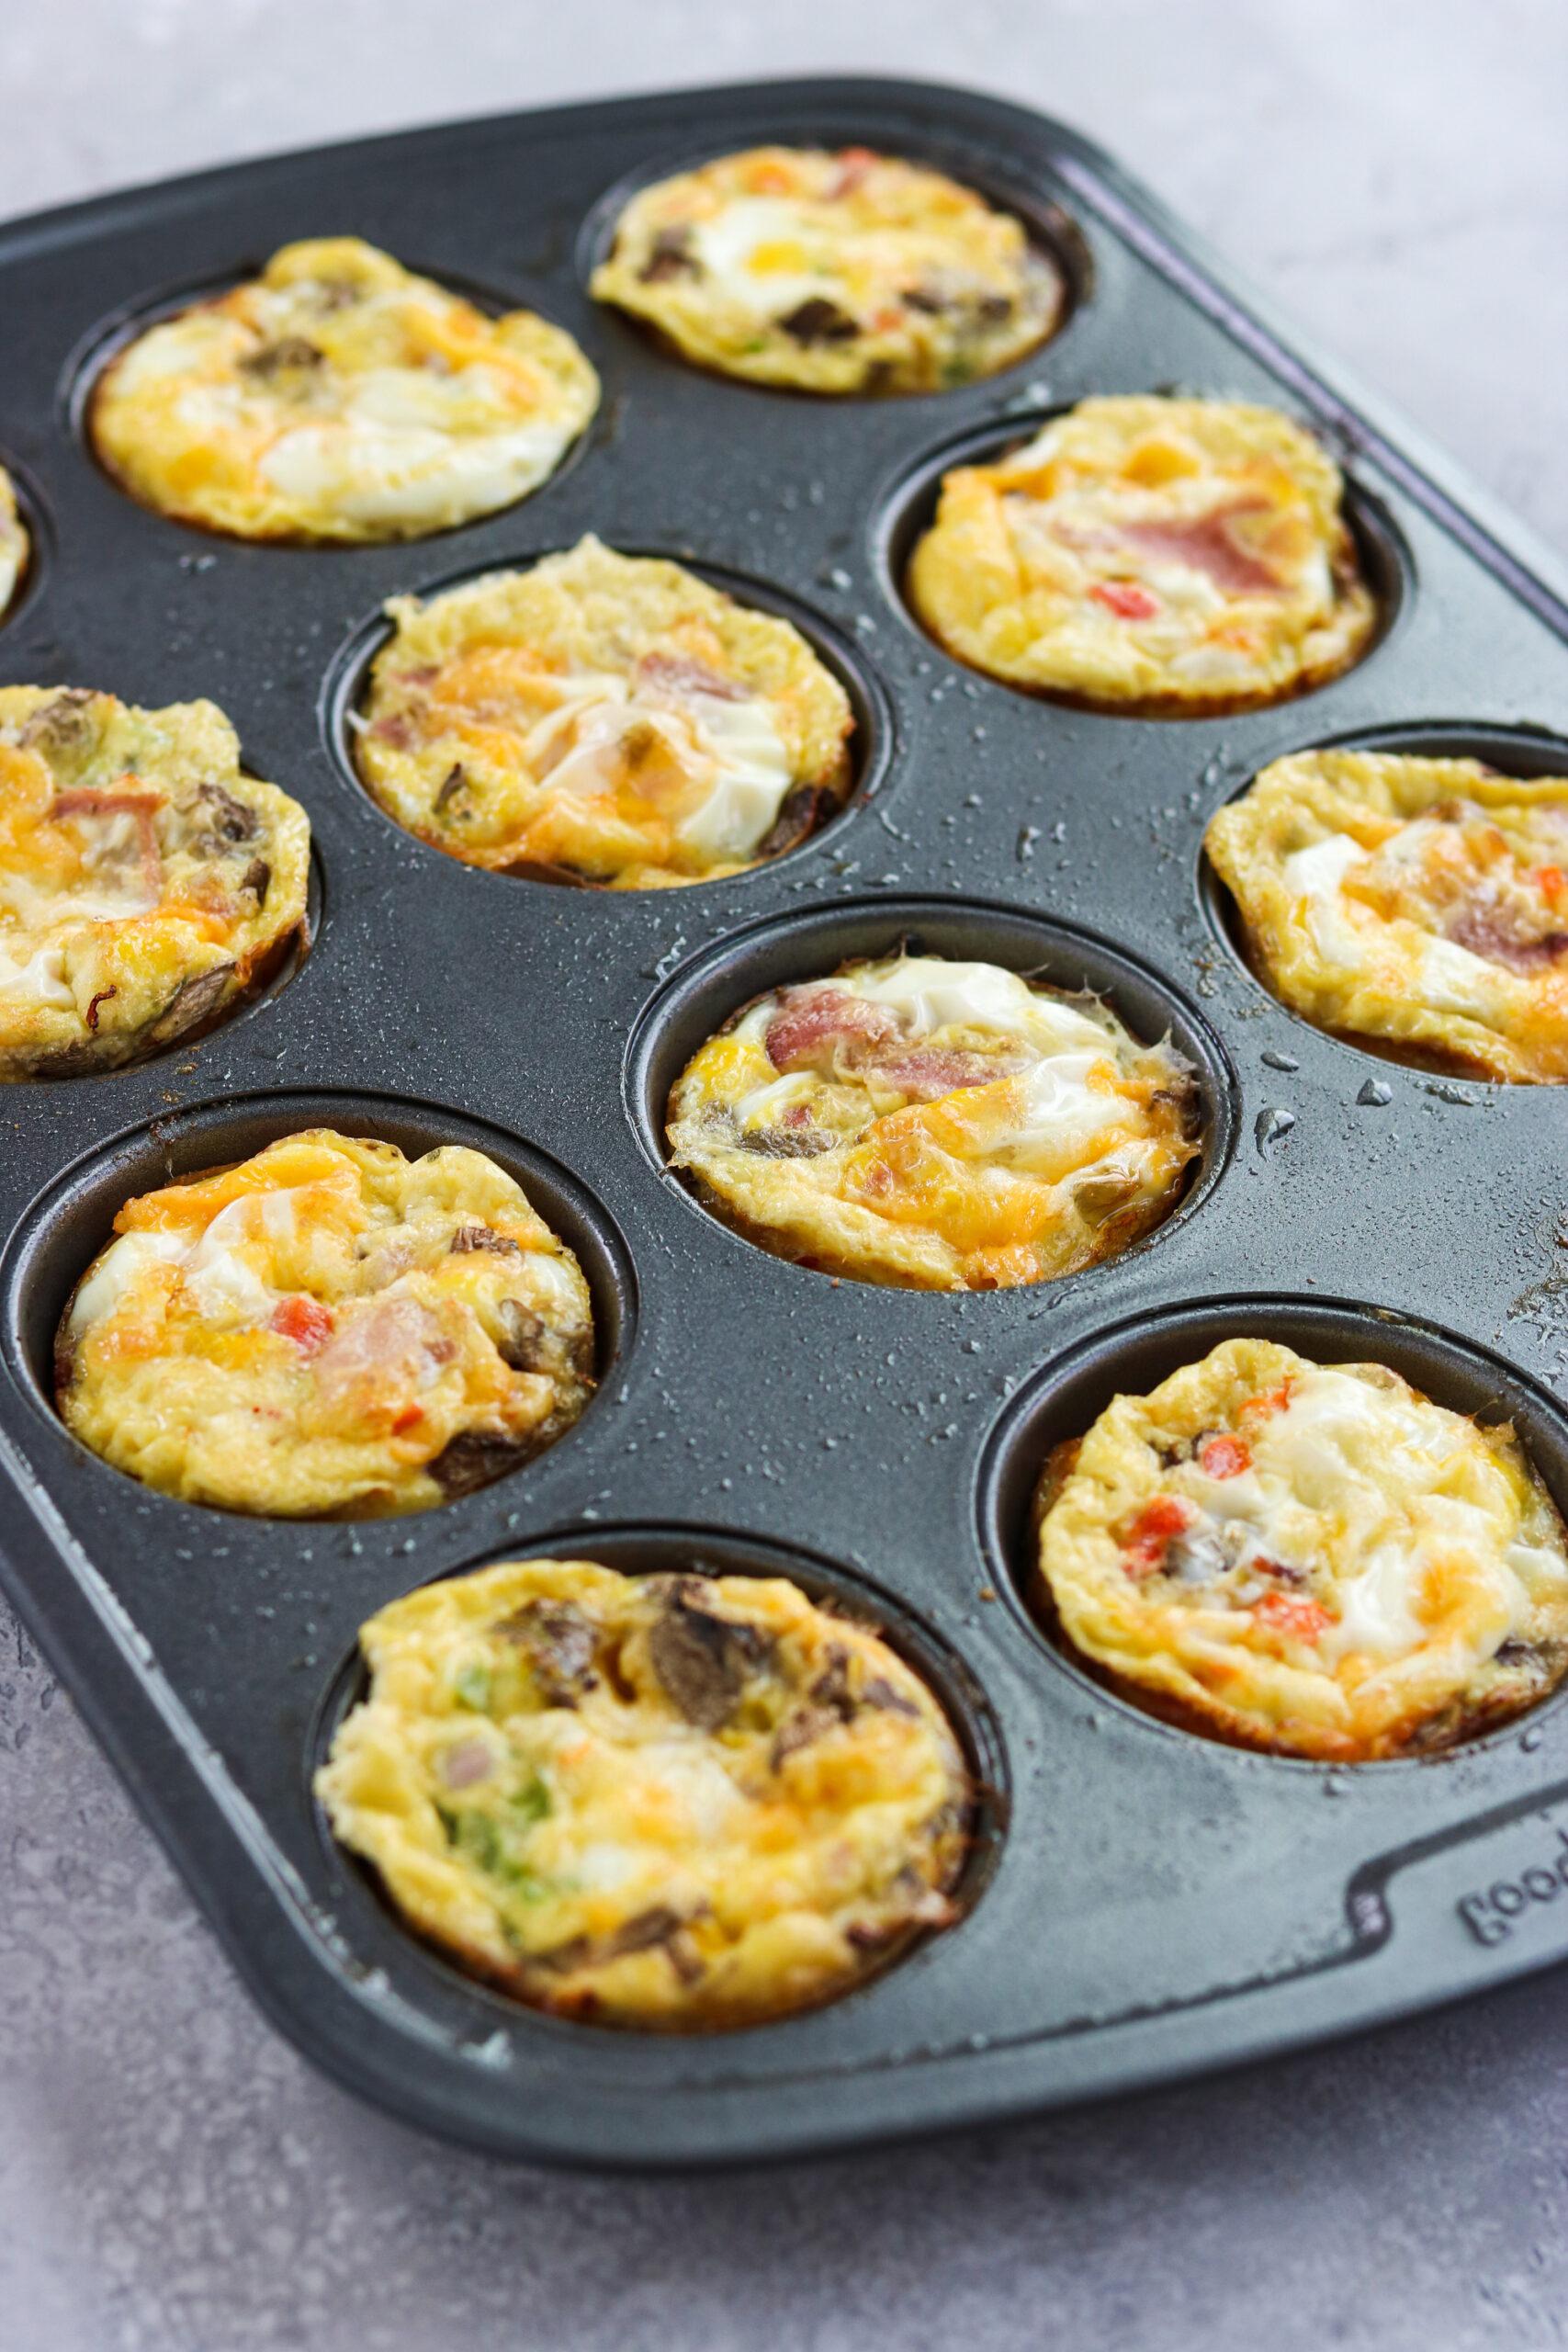 Western Omelette Egg Bites on a baking pan